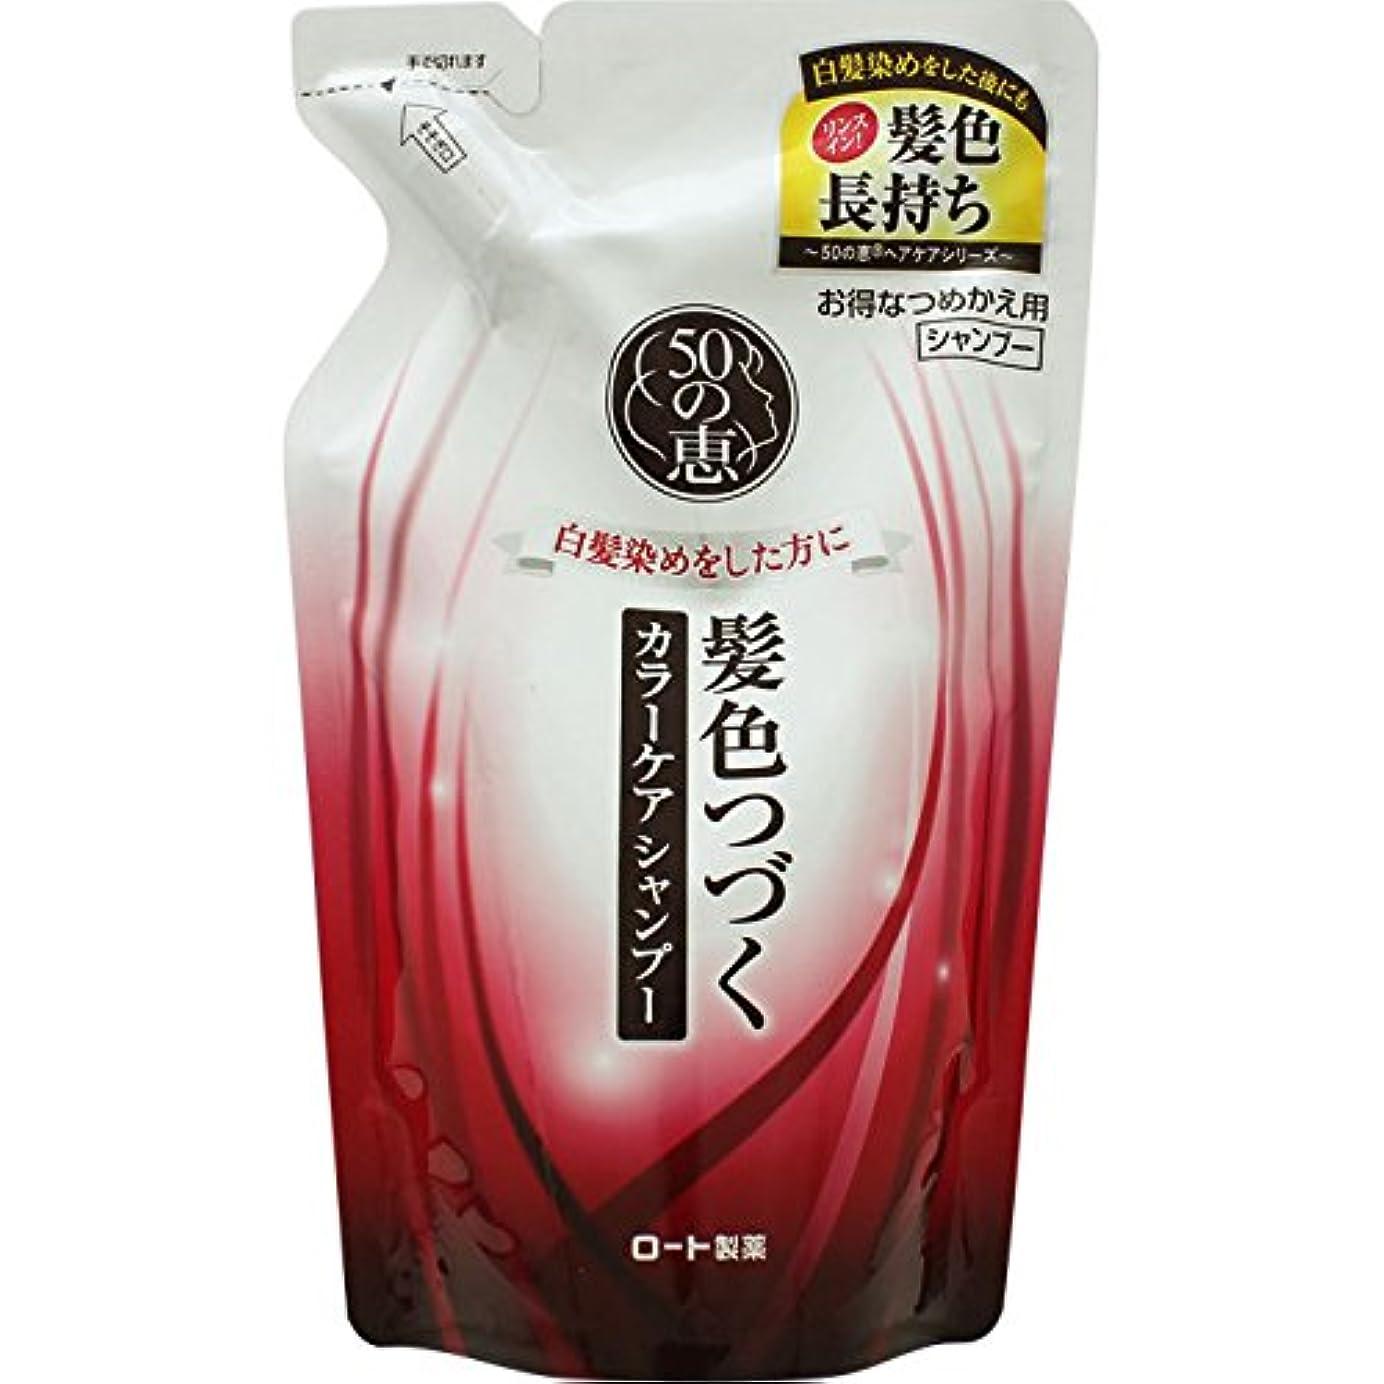 渇き課税進化ロート製薬 50の恵エイジングケア カラーケアシャンプー 詰替用 330mL